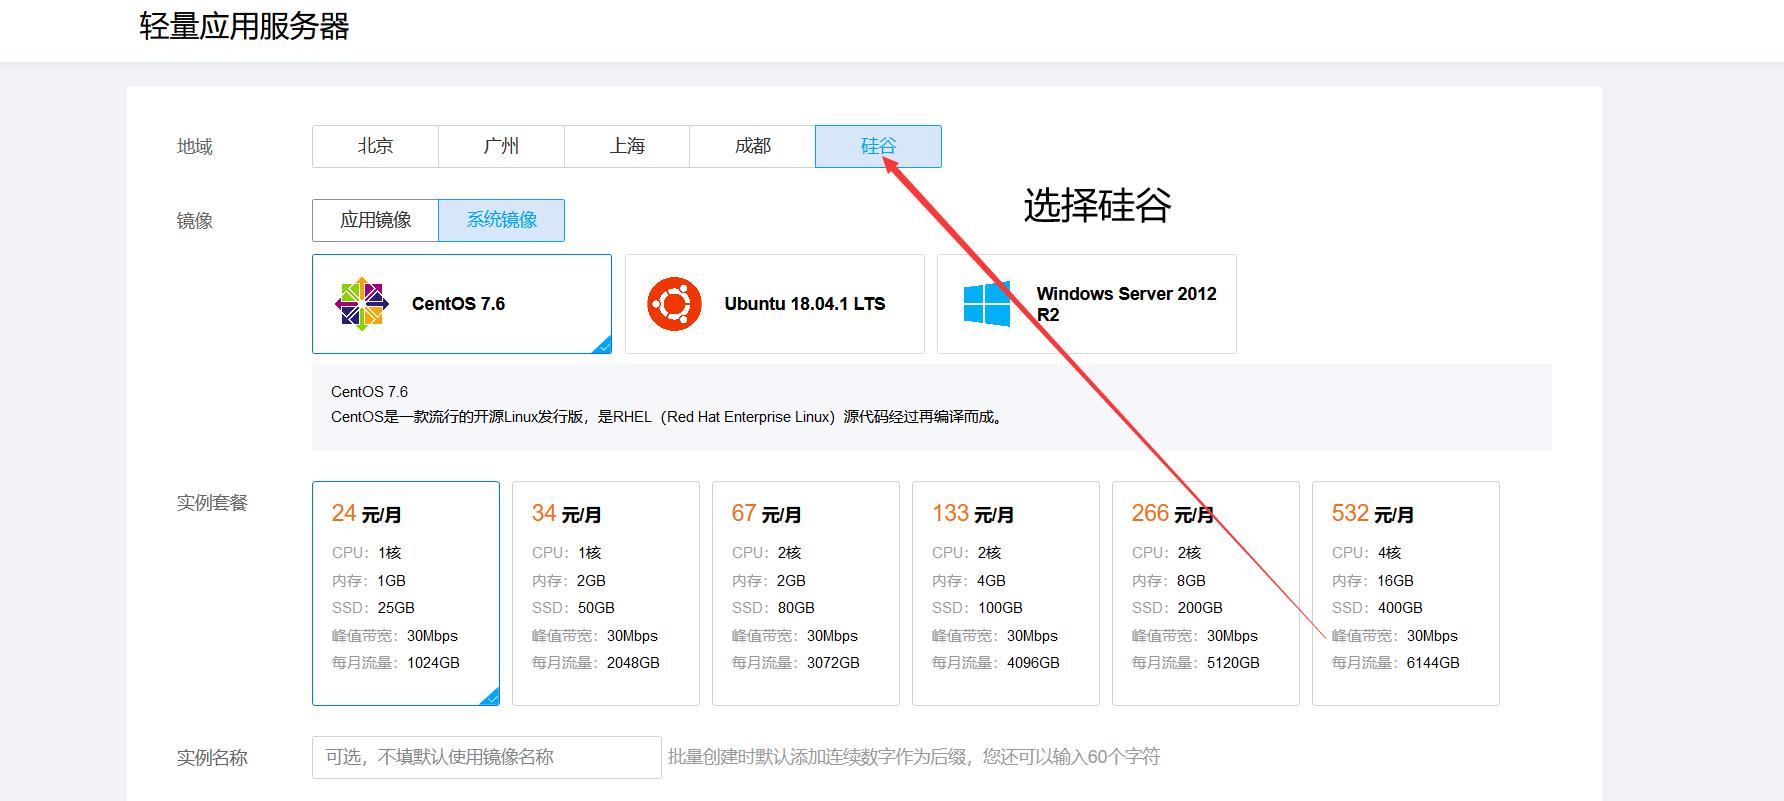 腾讯云轻量hk火狐浏览器开通方法图片版-图1